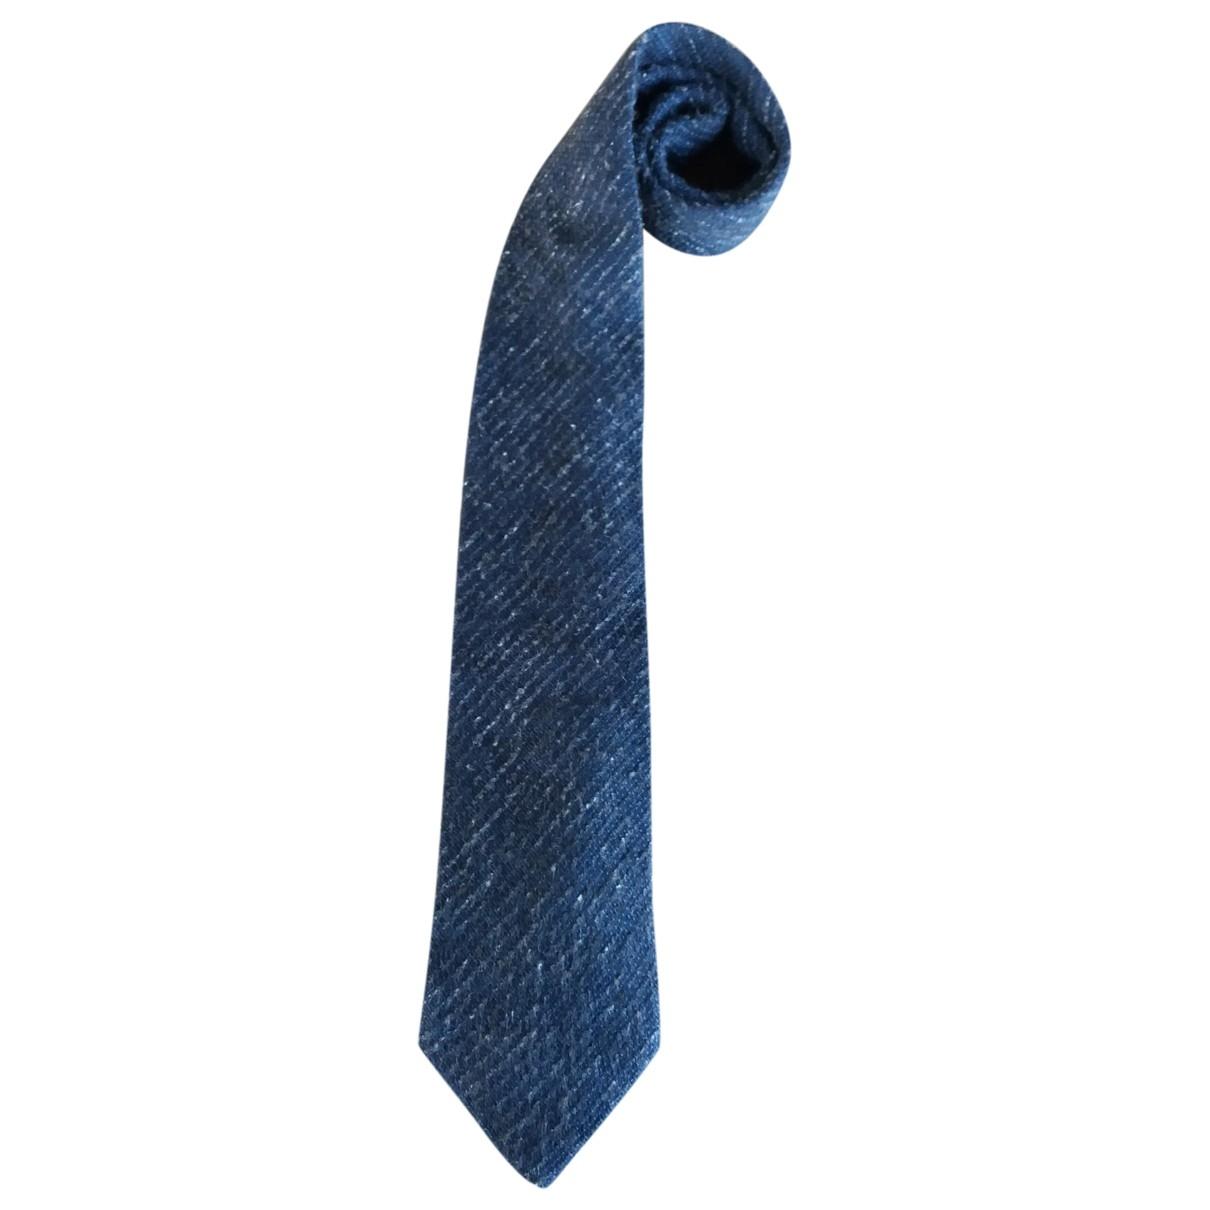 Corbata de Cachemira Ermenegildo Zegna